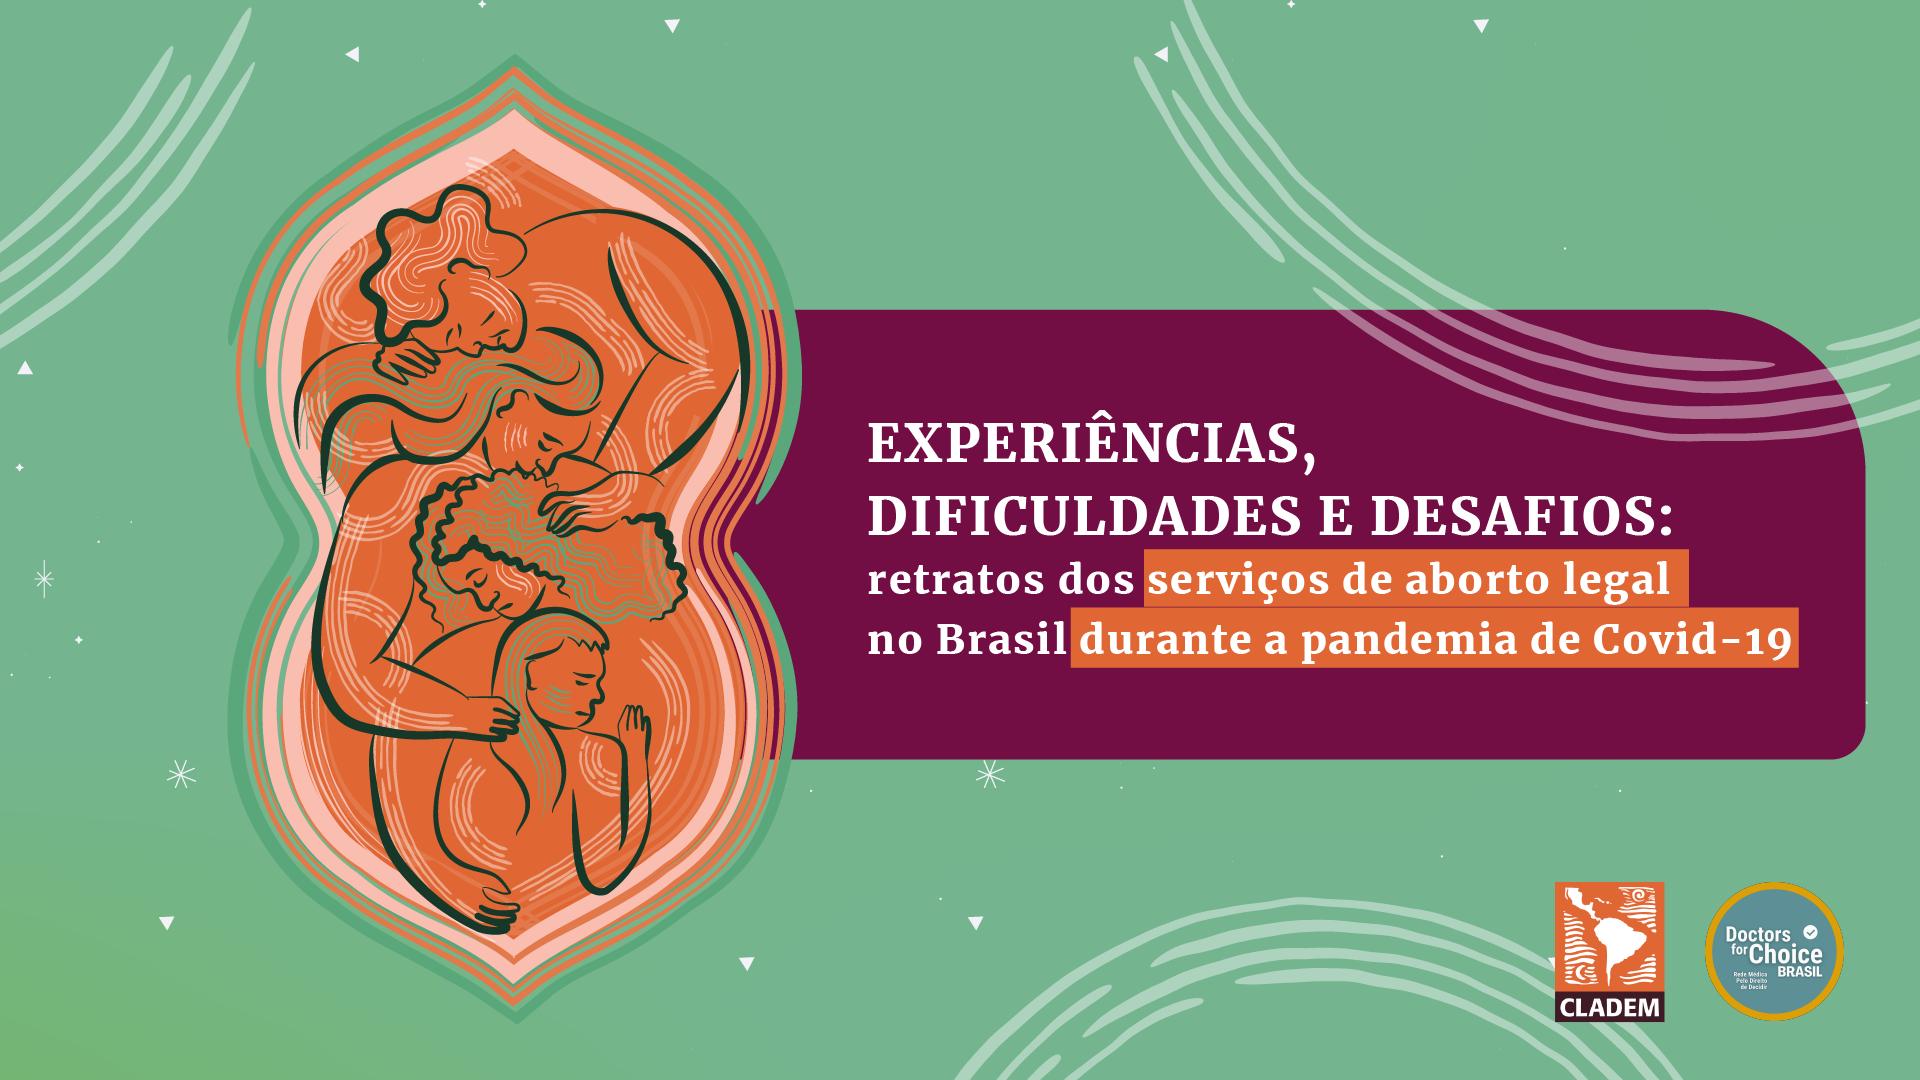 CLADEM lança edital para envio de artigos sobre experiências de serviços de saúde na prevenção e tratamento às vítimas de violência sexual